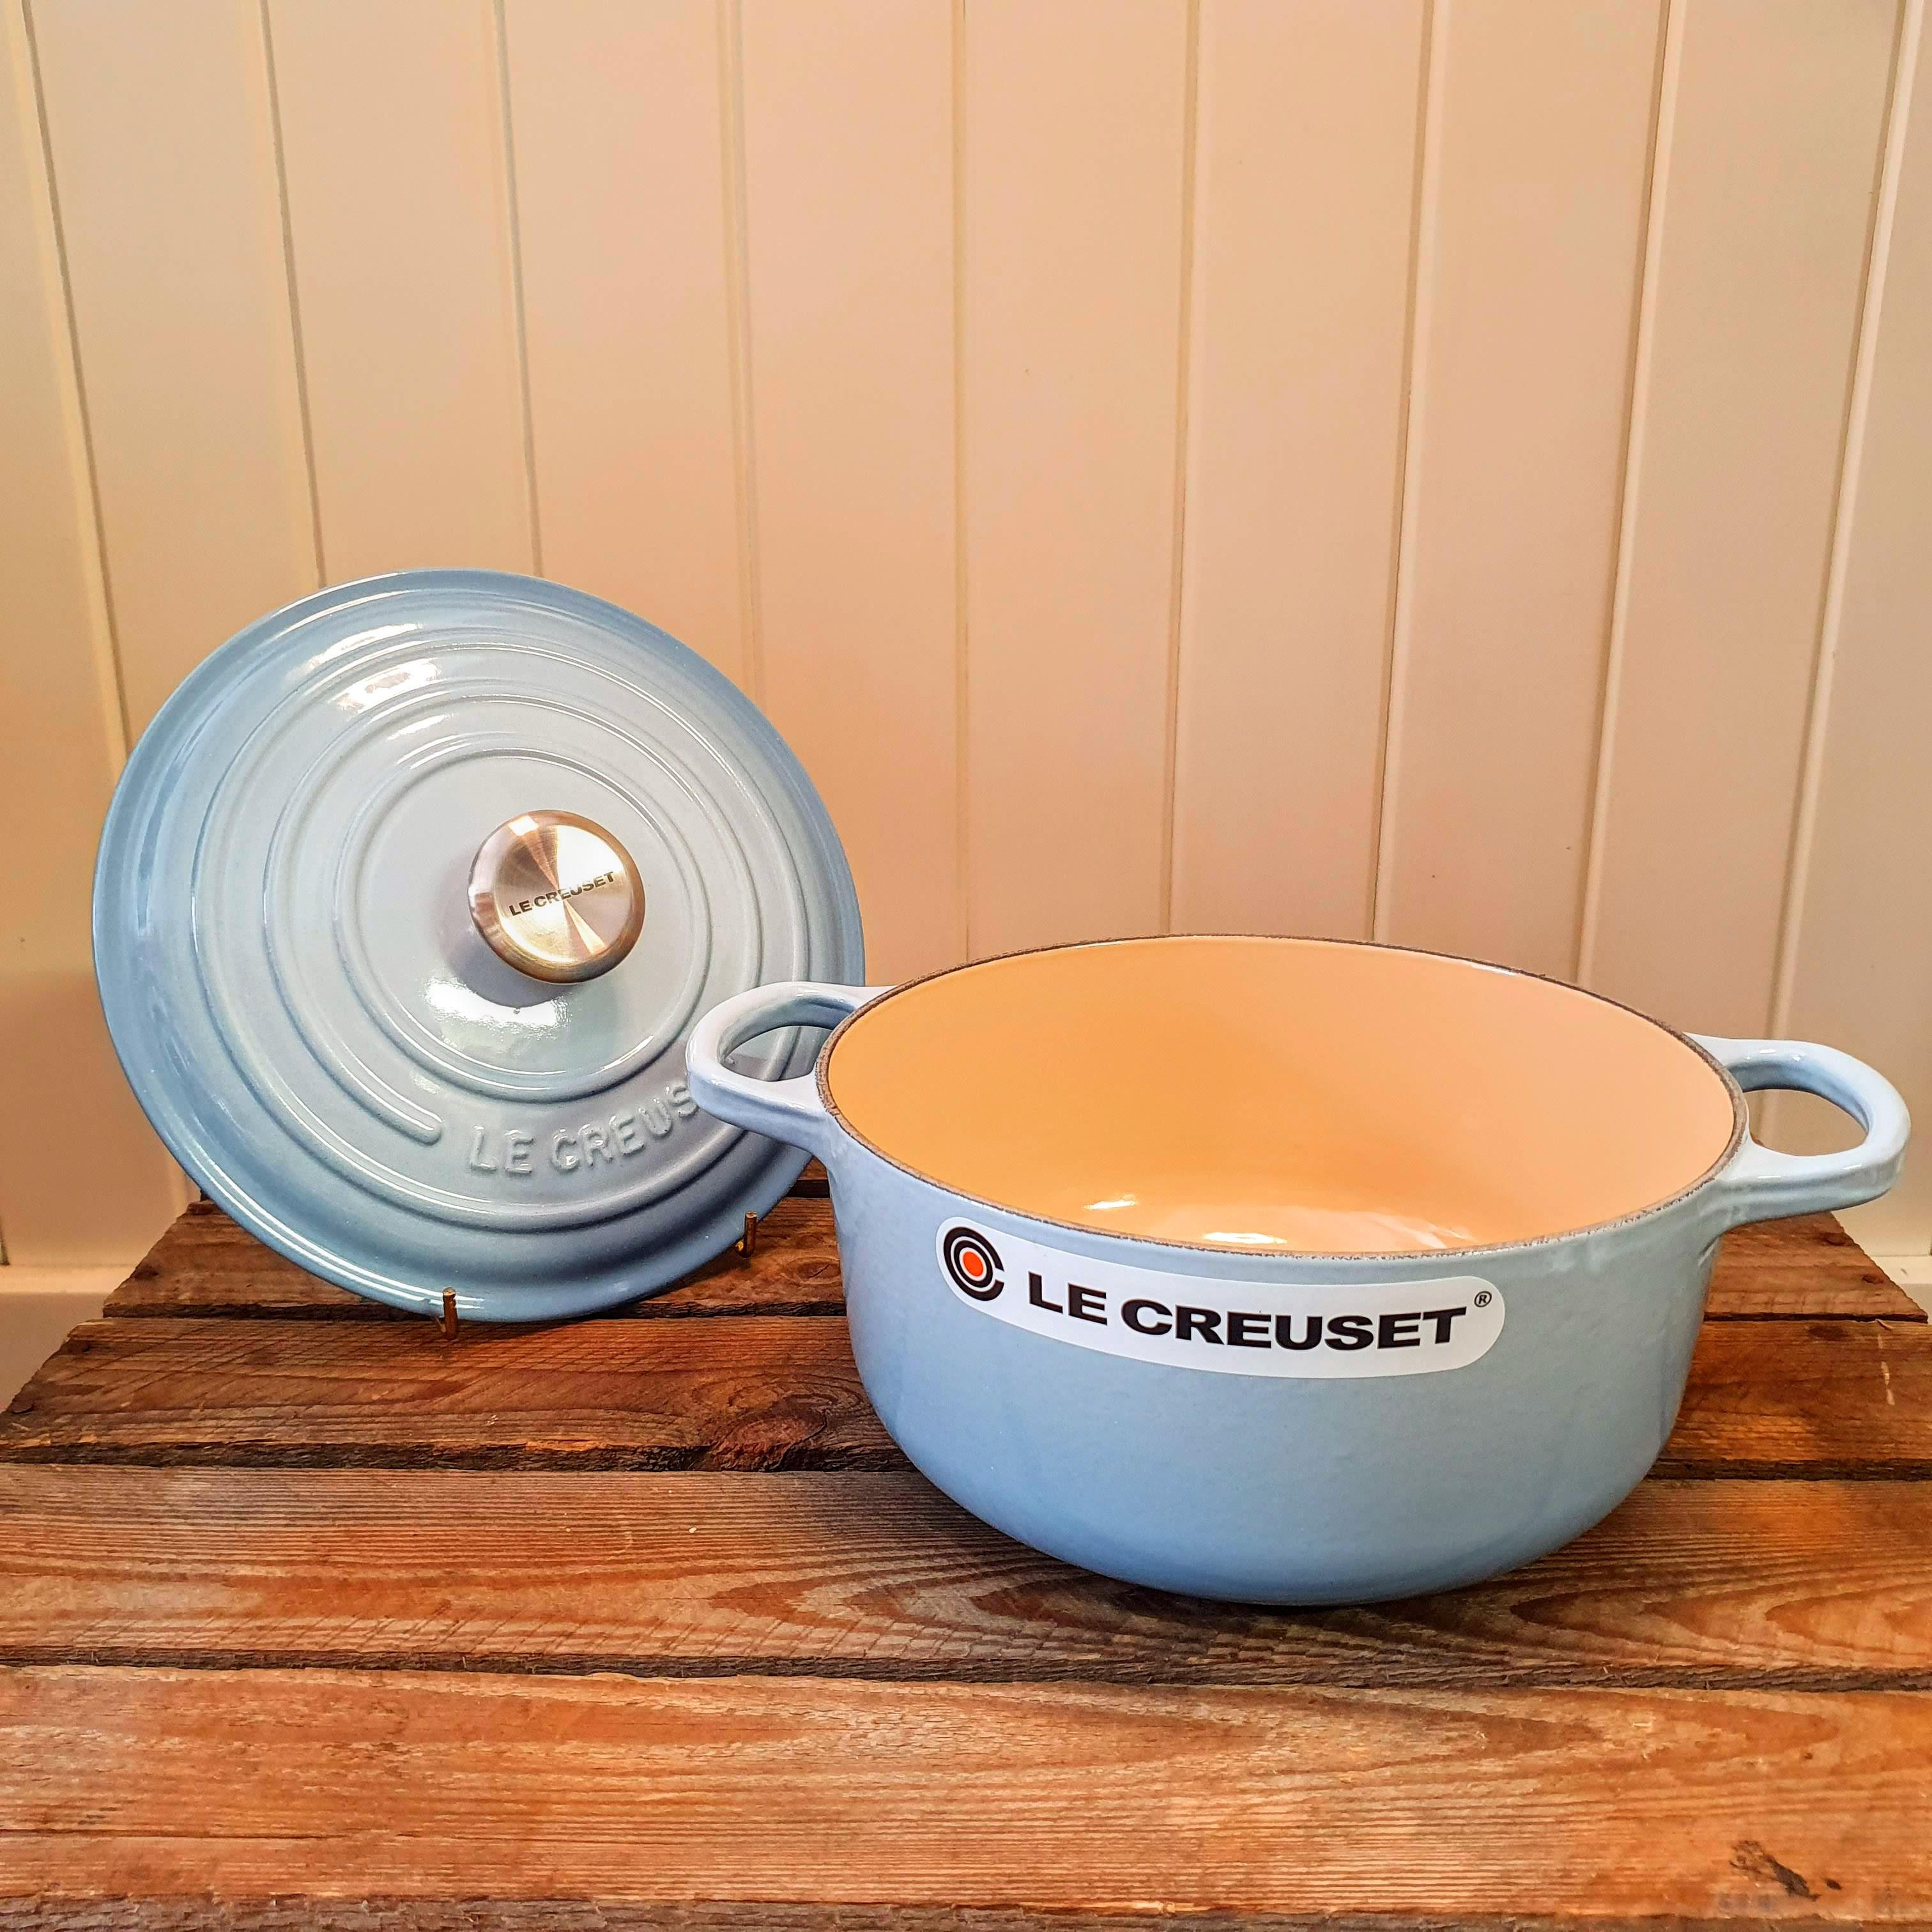 le creuset 20cm round casserole coastal blue open